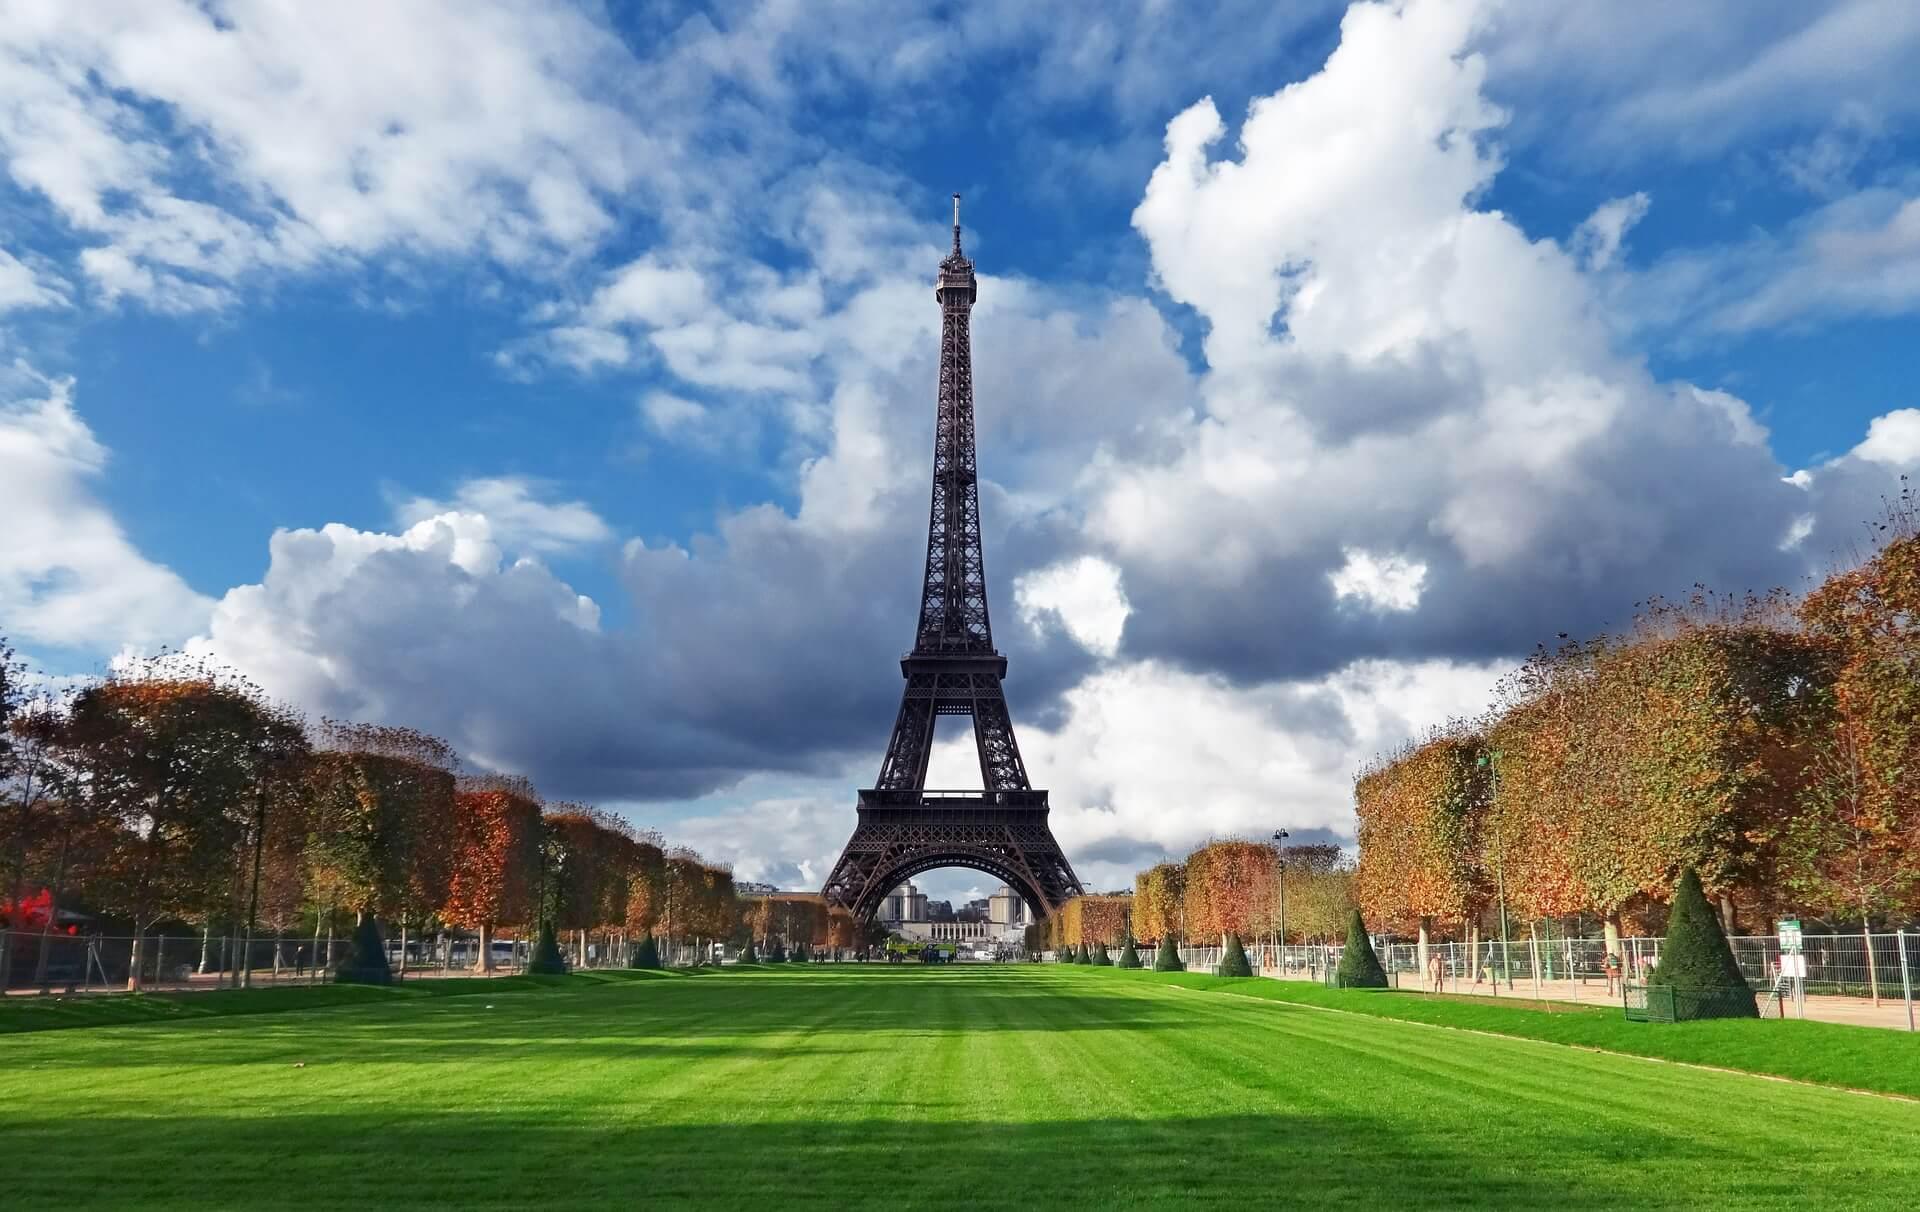 bí quyết học tiếng Pháp cho người mới bắt đầu - Kyna.vn